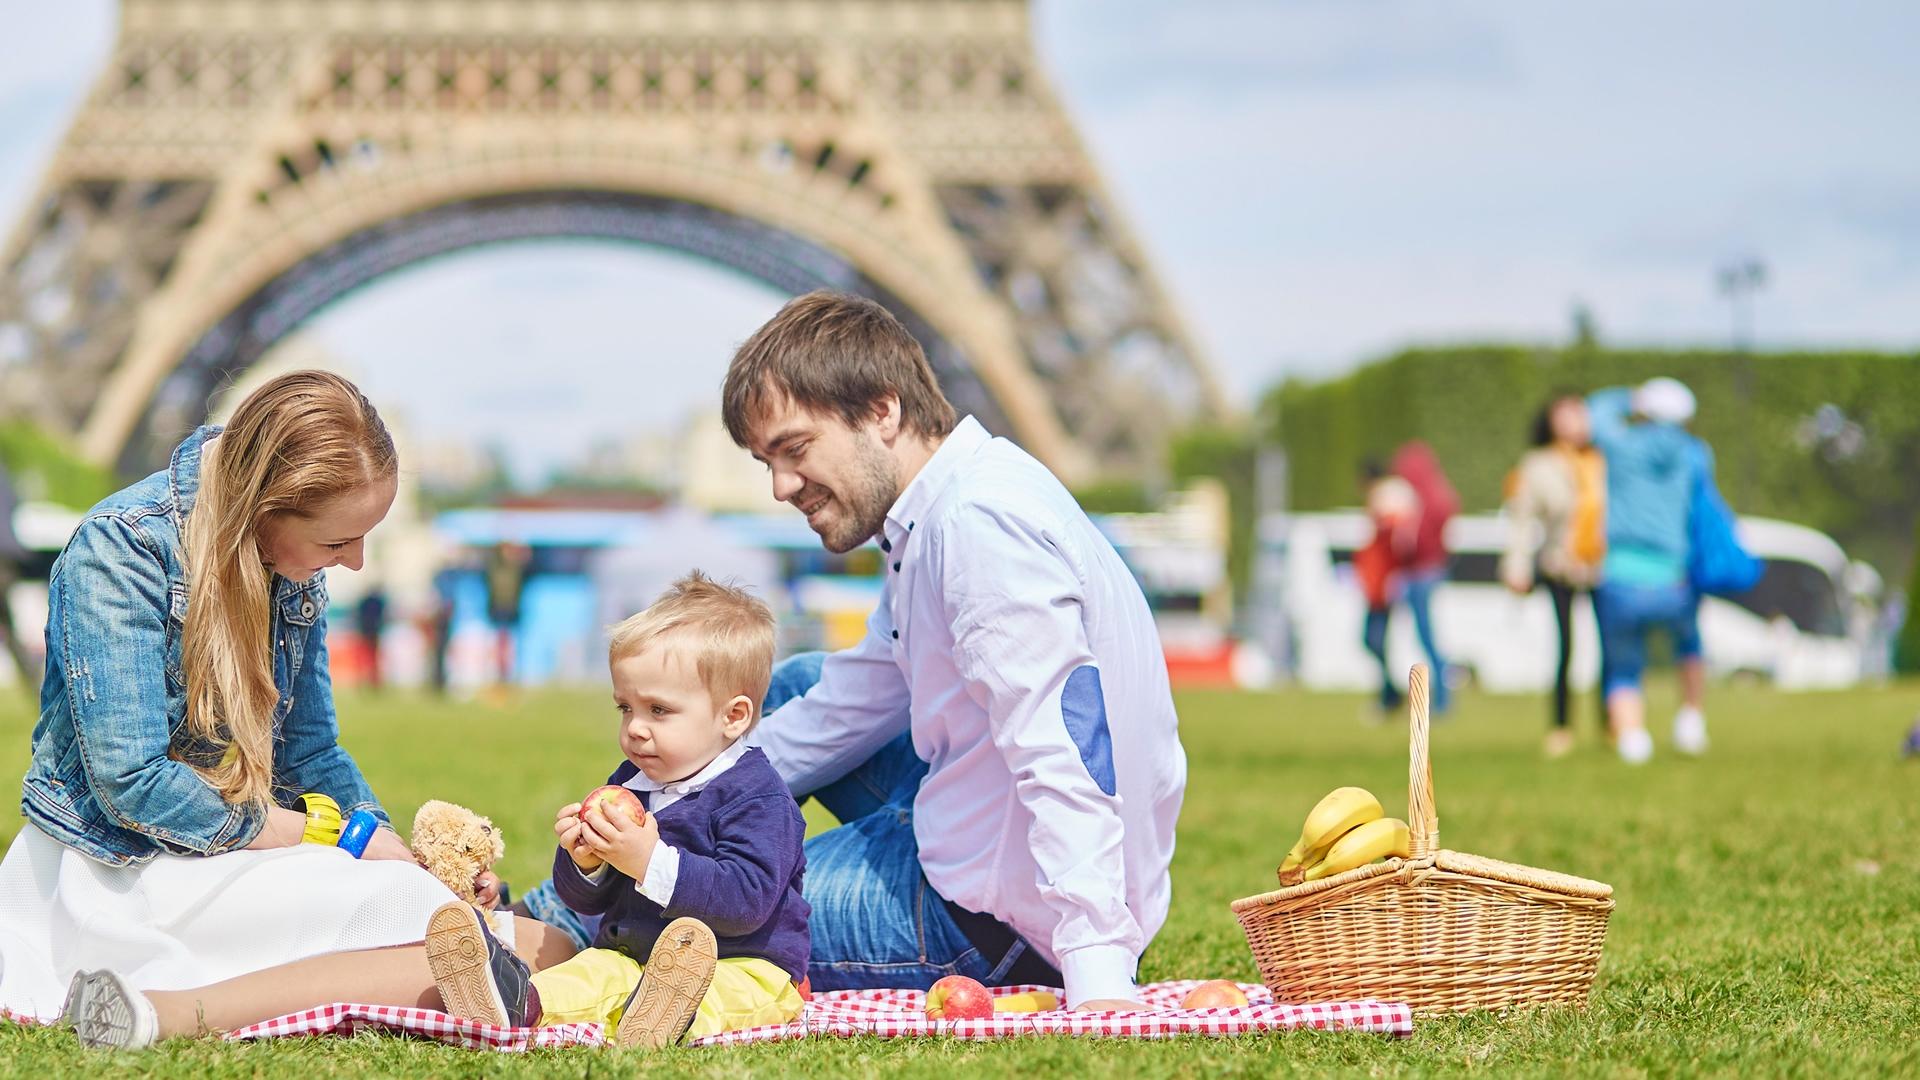 Picnic in Paris This Summer